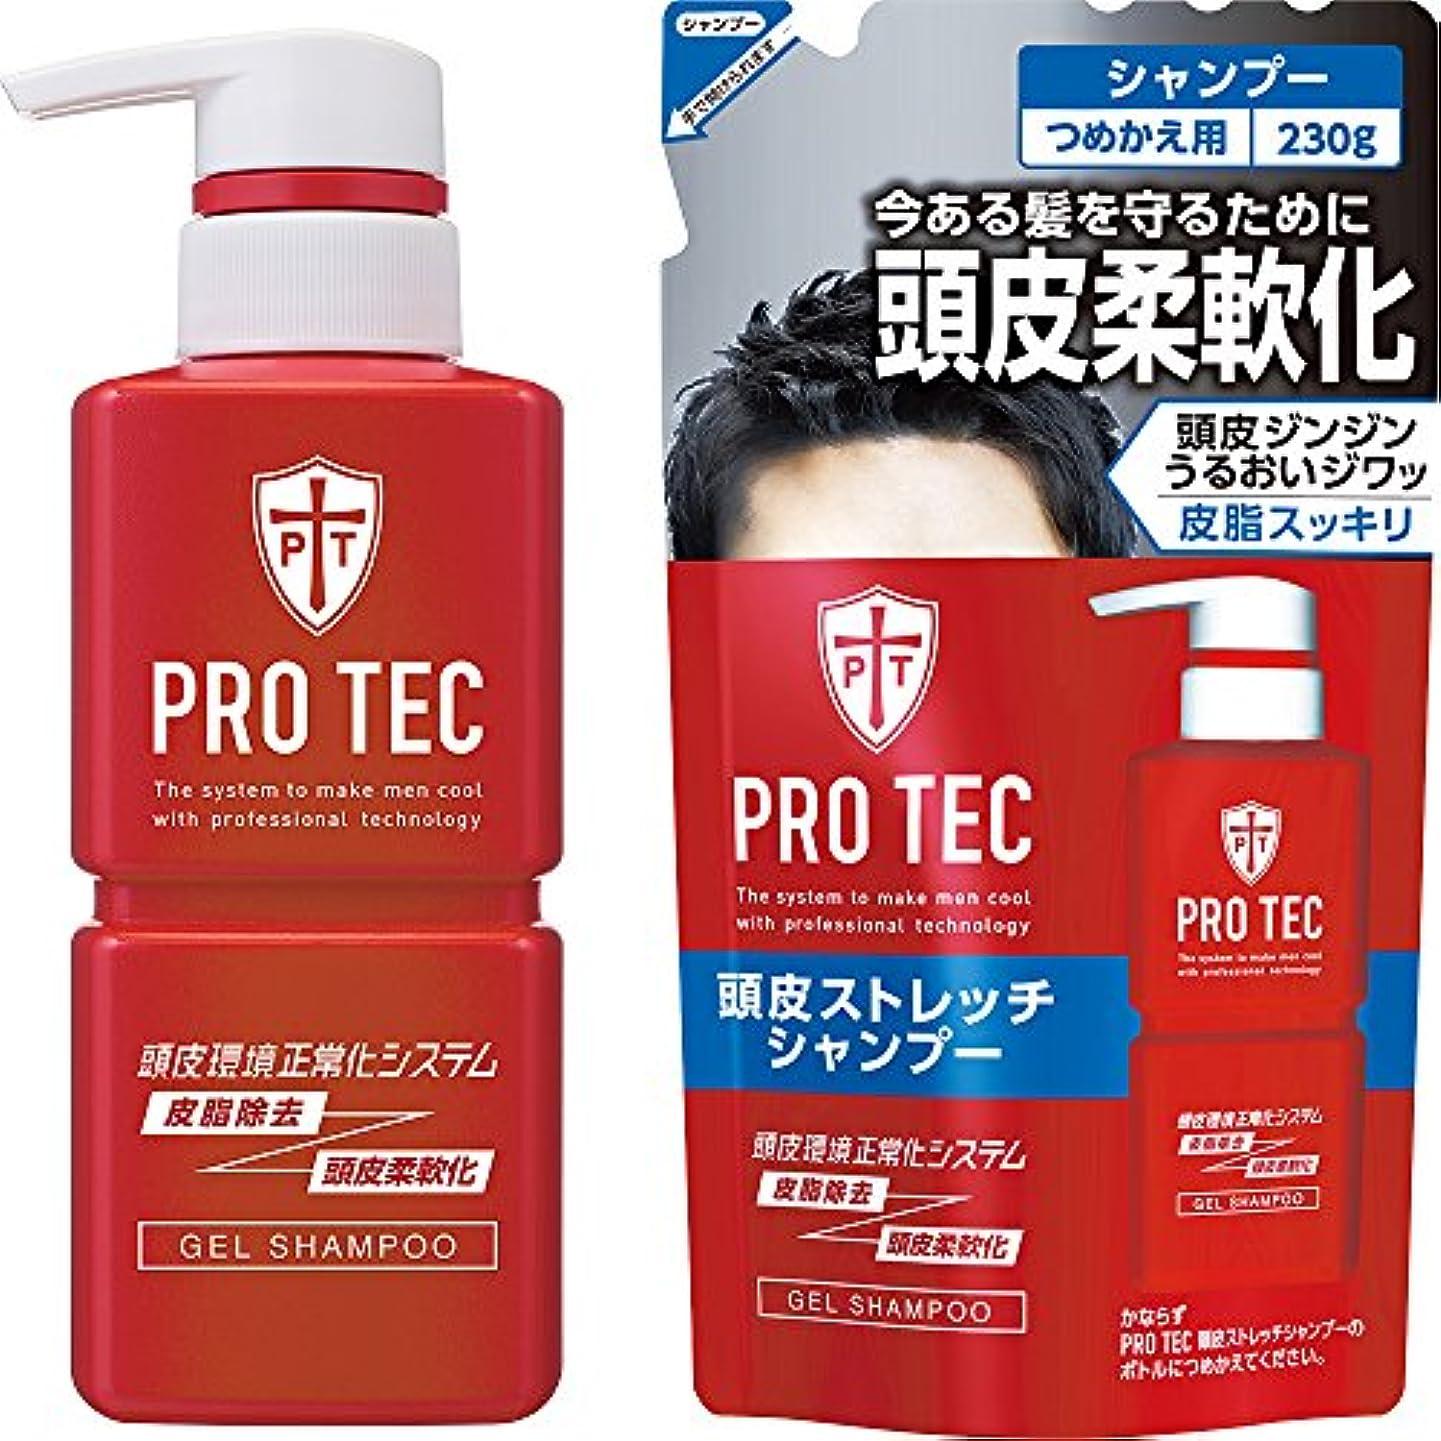 協同政治家の共和党PRO TEC(プロテク) 頭皮ストレッチシャンプー 本体ポンプ300g+詰め替え230g セット(医薬部外品)